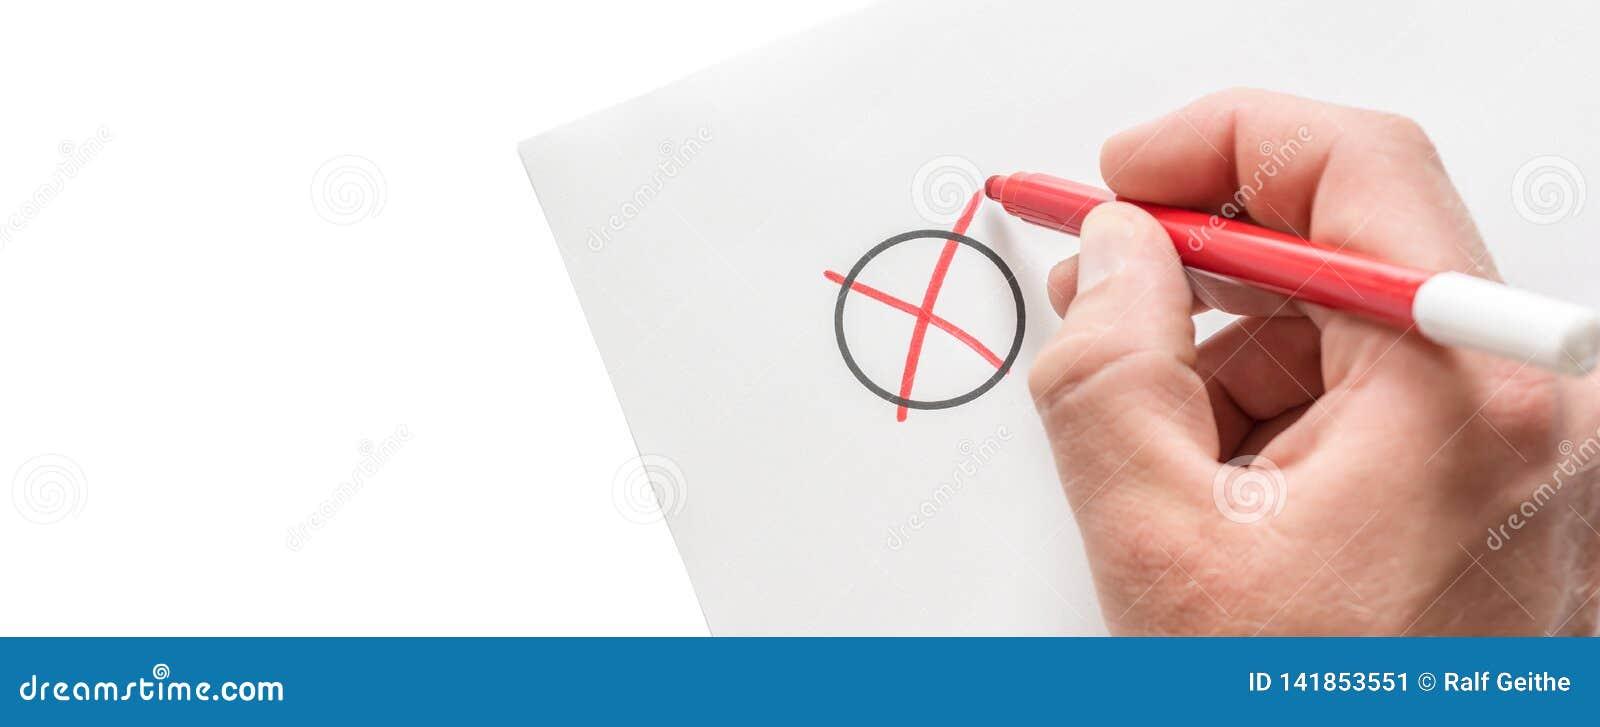 Mann macht ein Kreuz auf einem Blatt Papier als Symbol einer Wahl mit Kopienraum